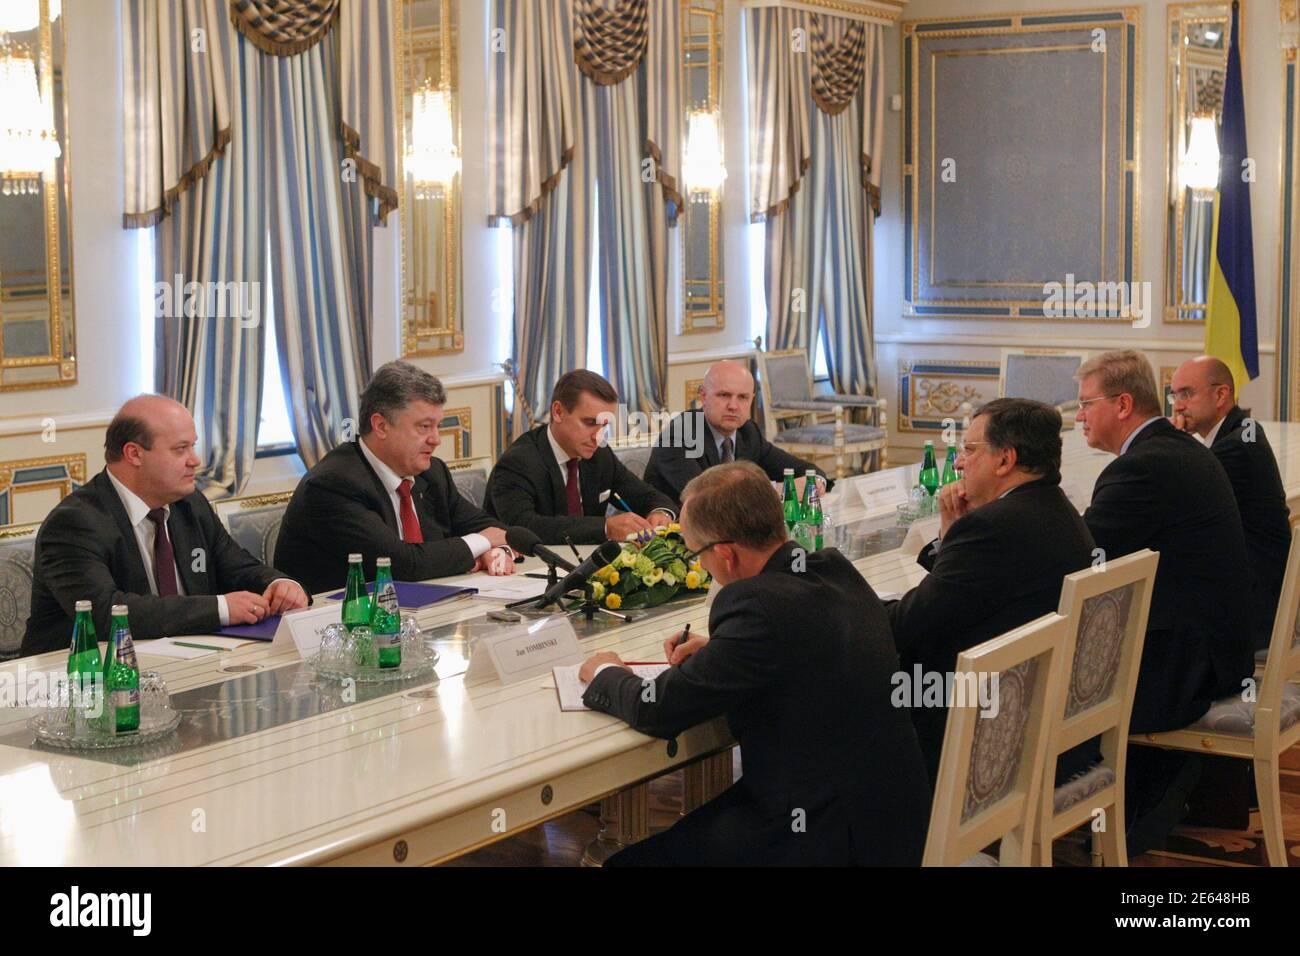 Le président ukrainien Petro Porochenko (2e L) s'adresse au président sortant de la Commission européenne José Manuel Barroso (3e R) lors de leur réunion à Kiev, le 12 septembre 2014. Porochenko a déclaré vendredi qu'il ne pouvait y avoir de solution militaire à la crise de son pays et a déclaré qu'il espérait qu'un cessez-le-feu « très fragile » se maintienne à l'est, lui permettant de se concentrer sur la reconstruction de l'économie en ruines. REUTERS/Valentin Ogirenko (UKRAINE - Tags: POLITIQUE TROUBLES CIVILS CONFLIT) Banque D'Images